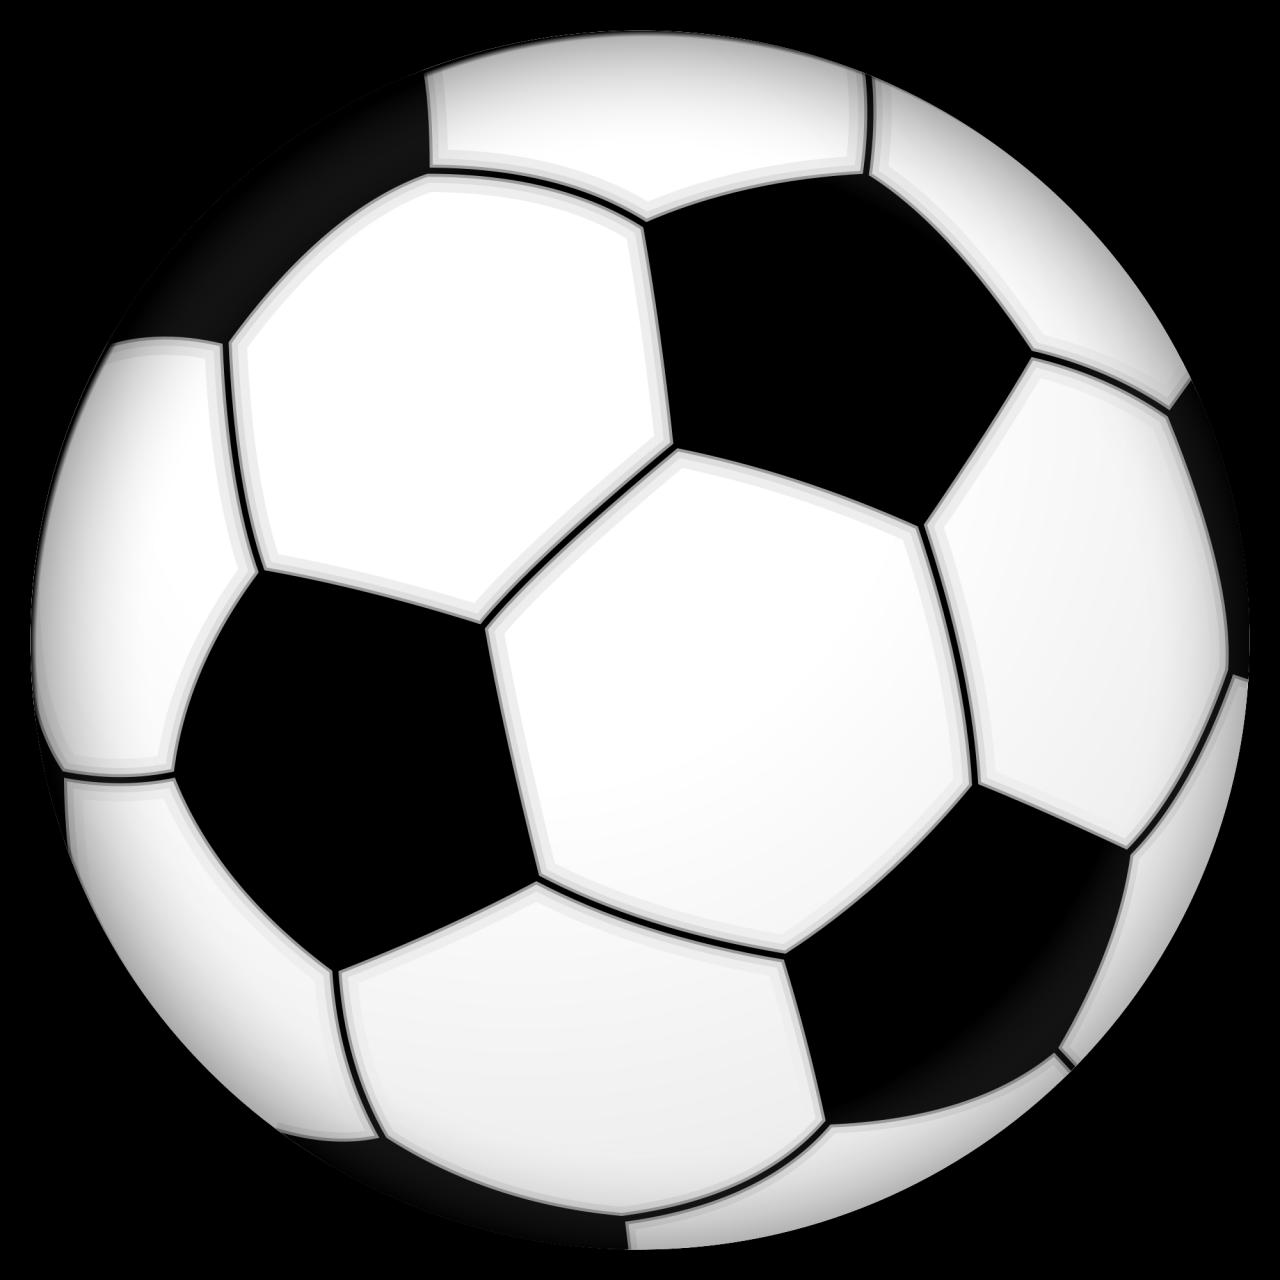 بالصور بحث عن كرة القدم 20160720 1